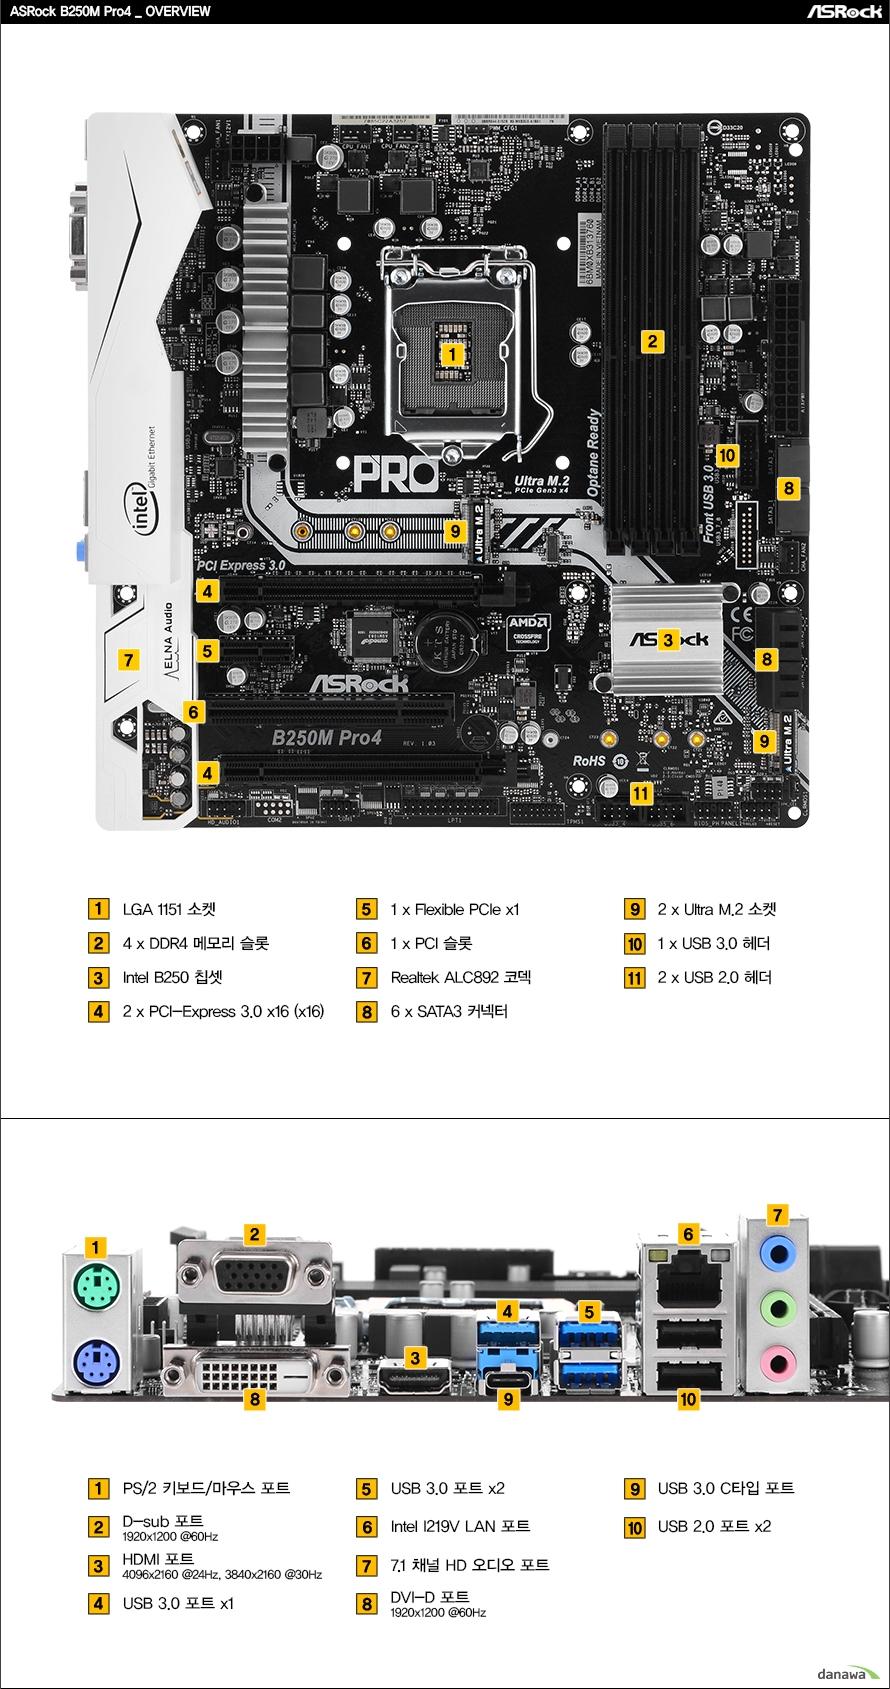 오버뷰전면 레이아웃LGA 1151 소켓4 x DDR4 메모리 슬롯Intel B250 칩셋 2 x PCI-Express 3.0 x16 (x16)1 x Flexible PCIe x11 x PCI 슬롯Realtek ALC892 코덱6 x SATA3 커넥터2 x Ultra M.2 소켓1 x USB 3.0 헤더2 x USB 2.0 헤더백패널 포트PS/2 키보드/마우스 포트D-sub 포트 1920x1200 @60HzHDMI 포트 4096x2160 @24Hz, 3840x2160 @30HzUSB 3.0 포트 x1USB 3.0 포트 x2Intel I219V LAN 포트7.1 채널 HD 오디오 포트DVI-D 포트 1920x1200 @60HzUSB 3.0 C타입 포트USB 3.0 포트 x2